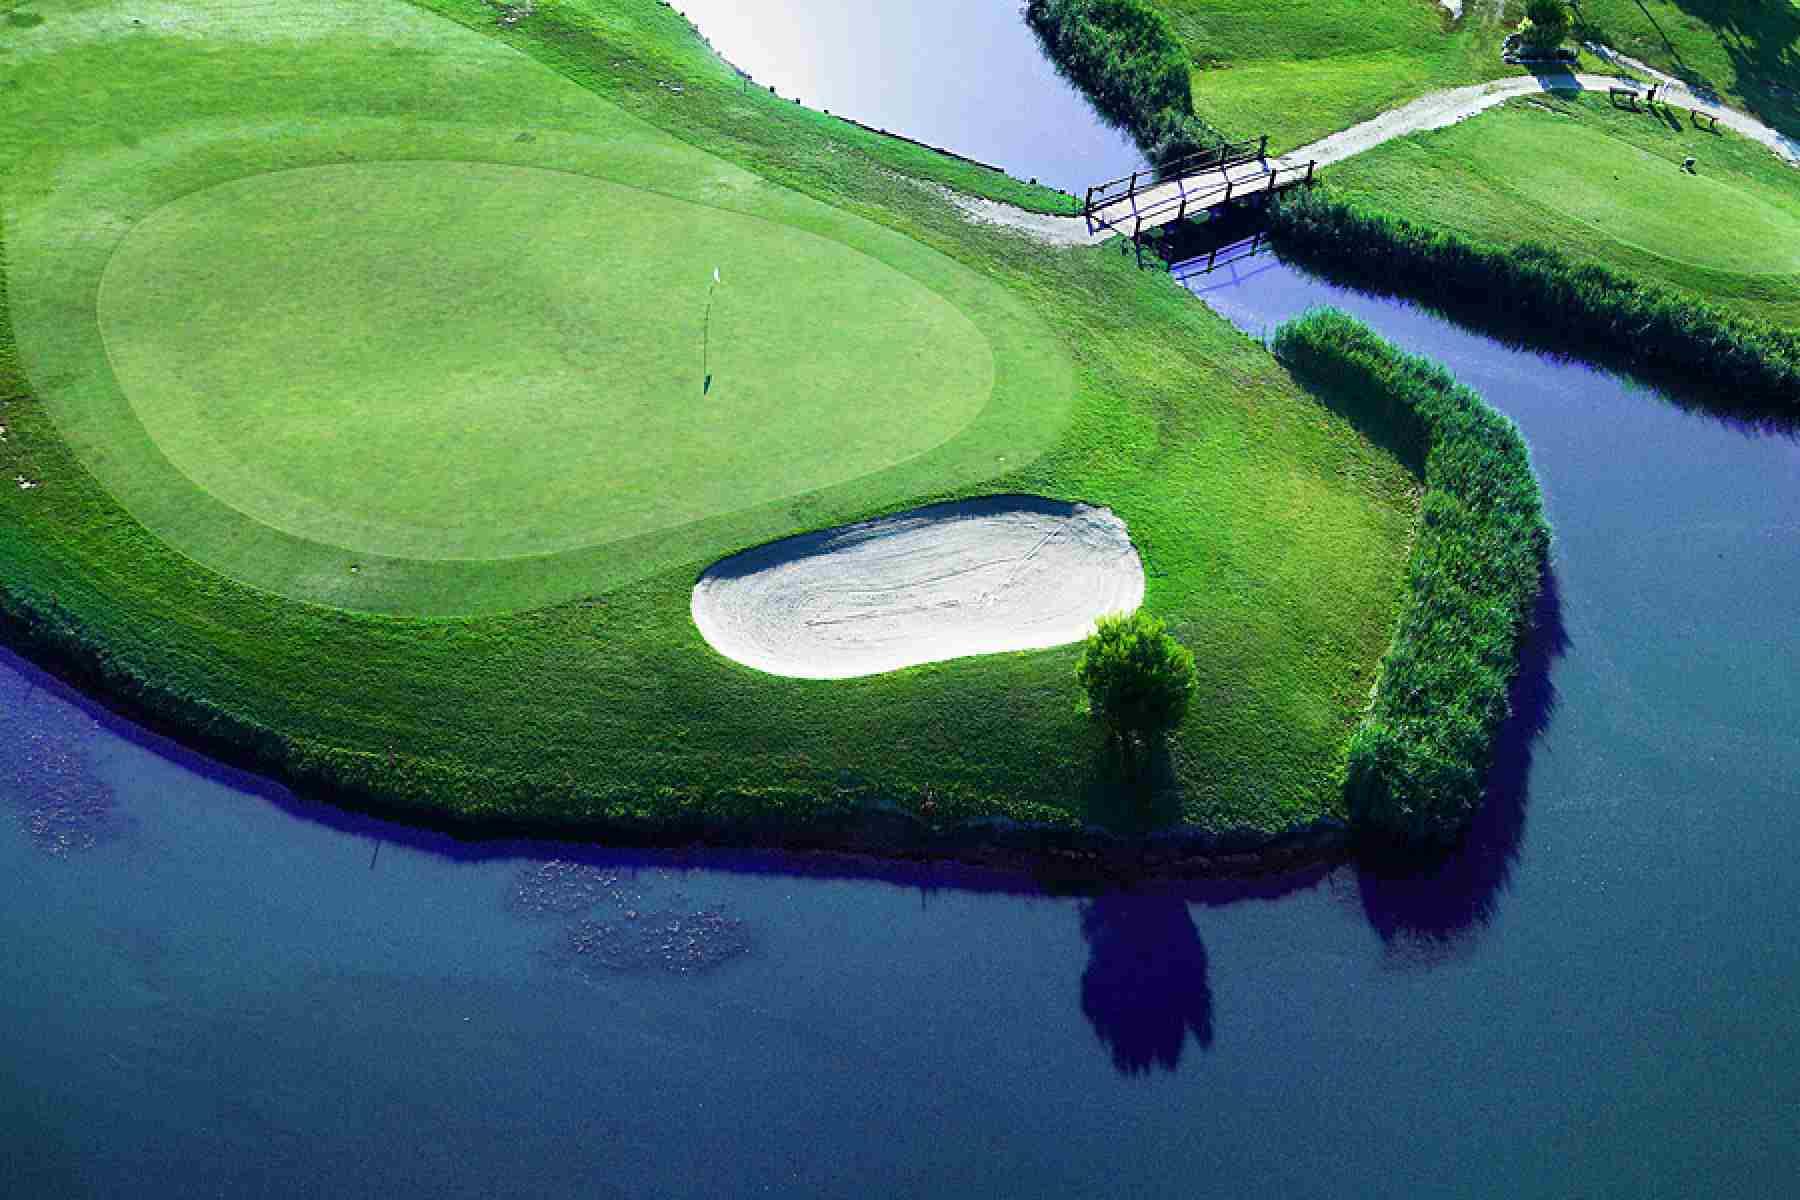 Golf Club & Culture: Grado - Aquileia -  Friuli Venezia Giulia - 3 days/ 2 nights - 1 Round in Golf Club Grado Wedding Package